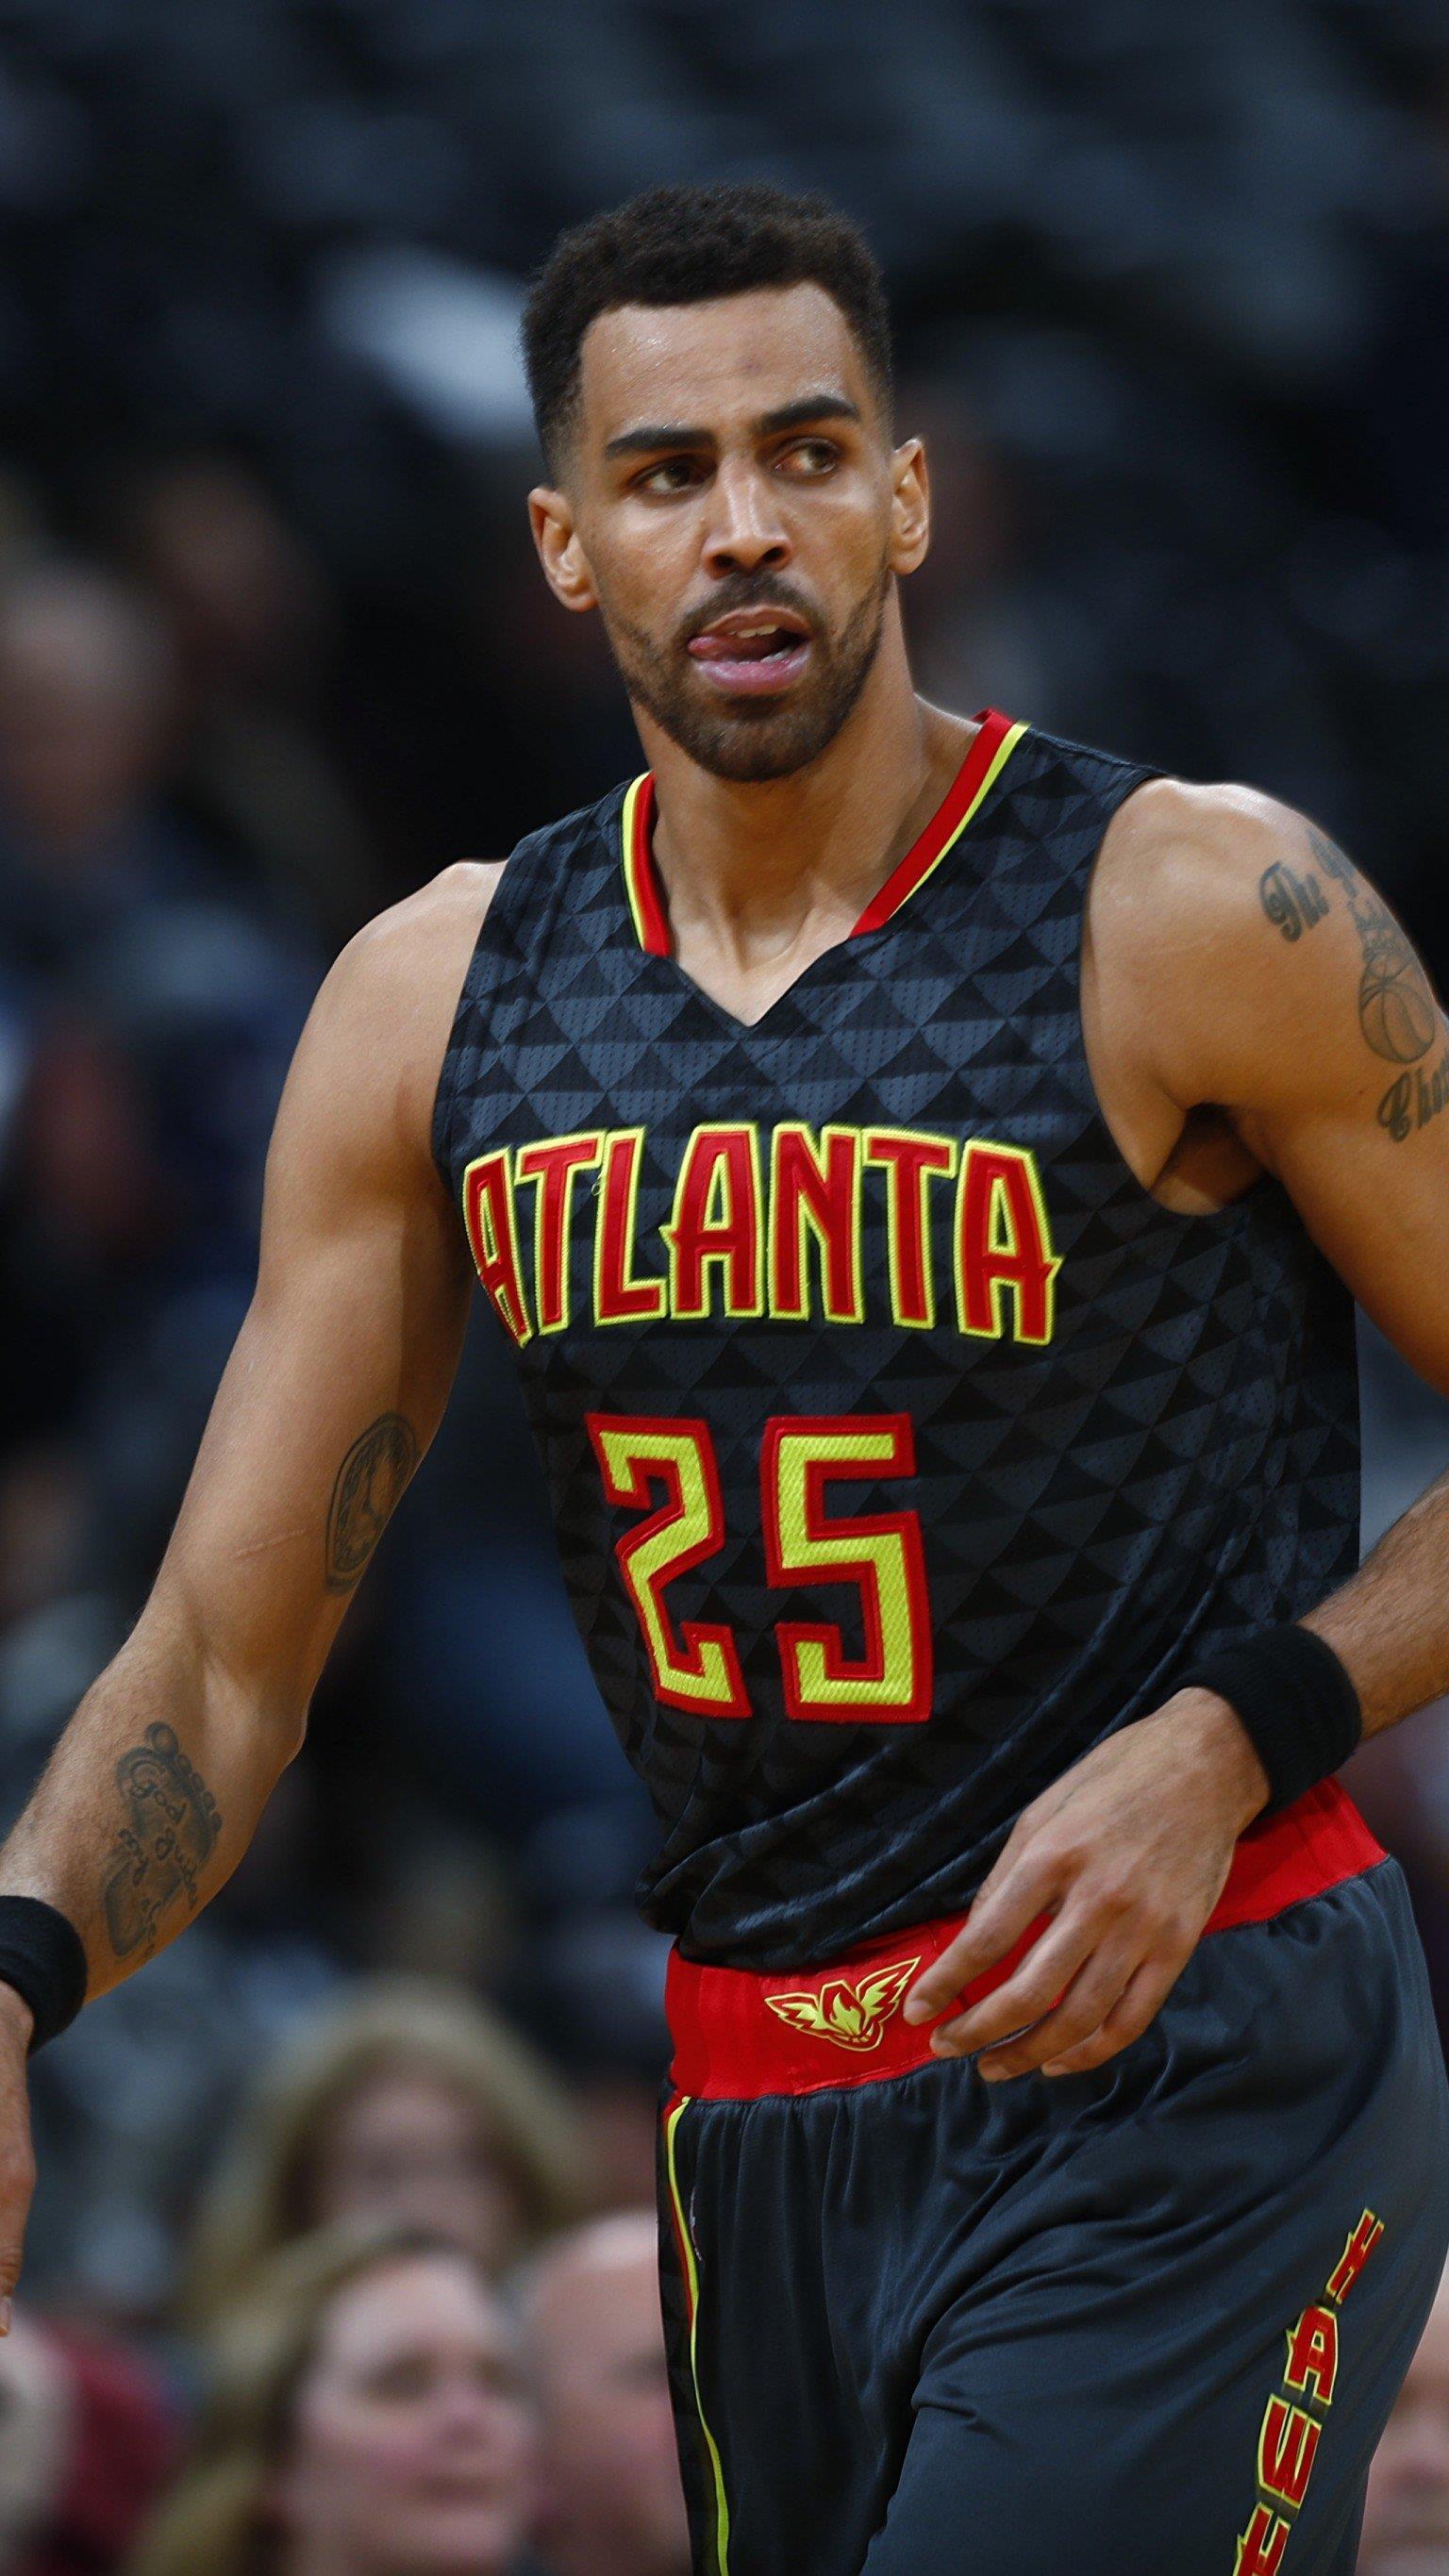 Thabo Sefolosha spielt in der NBA für die Atlanta Hawks.